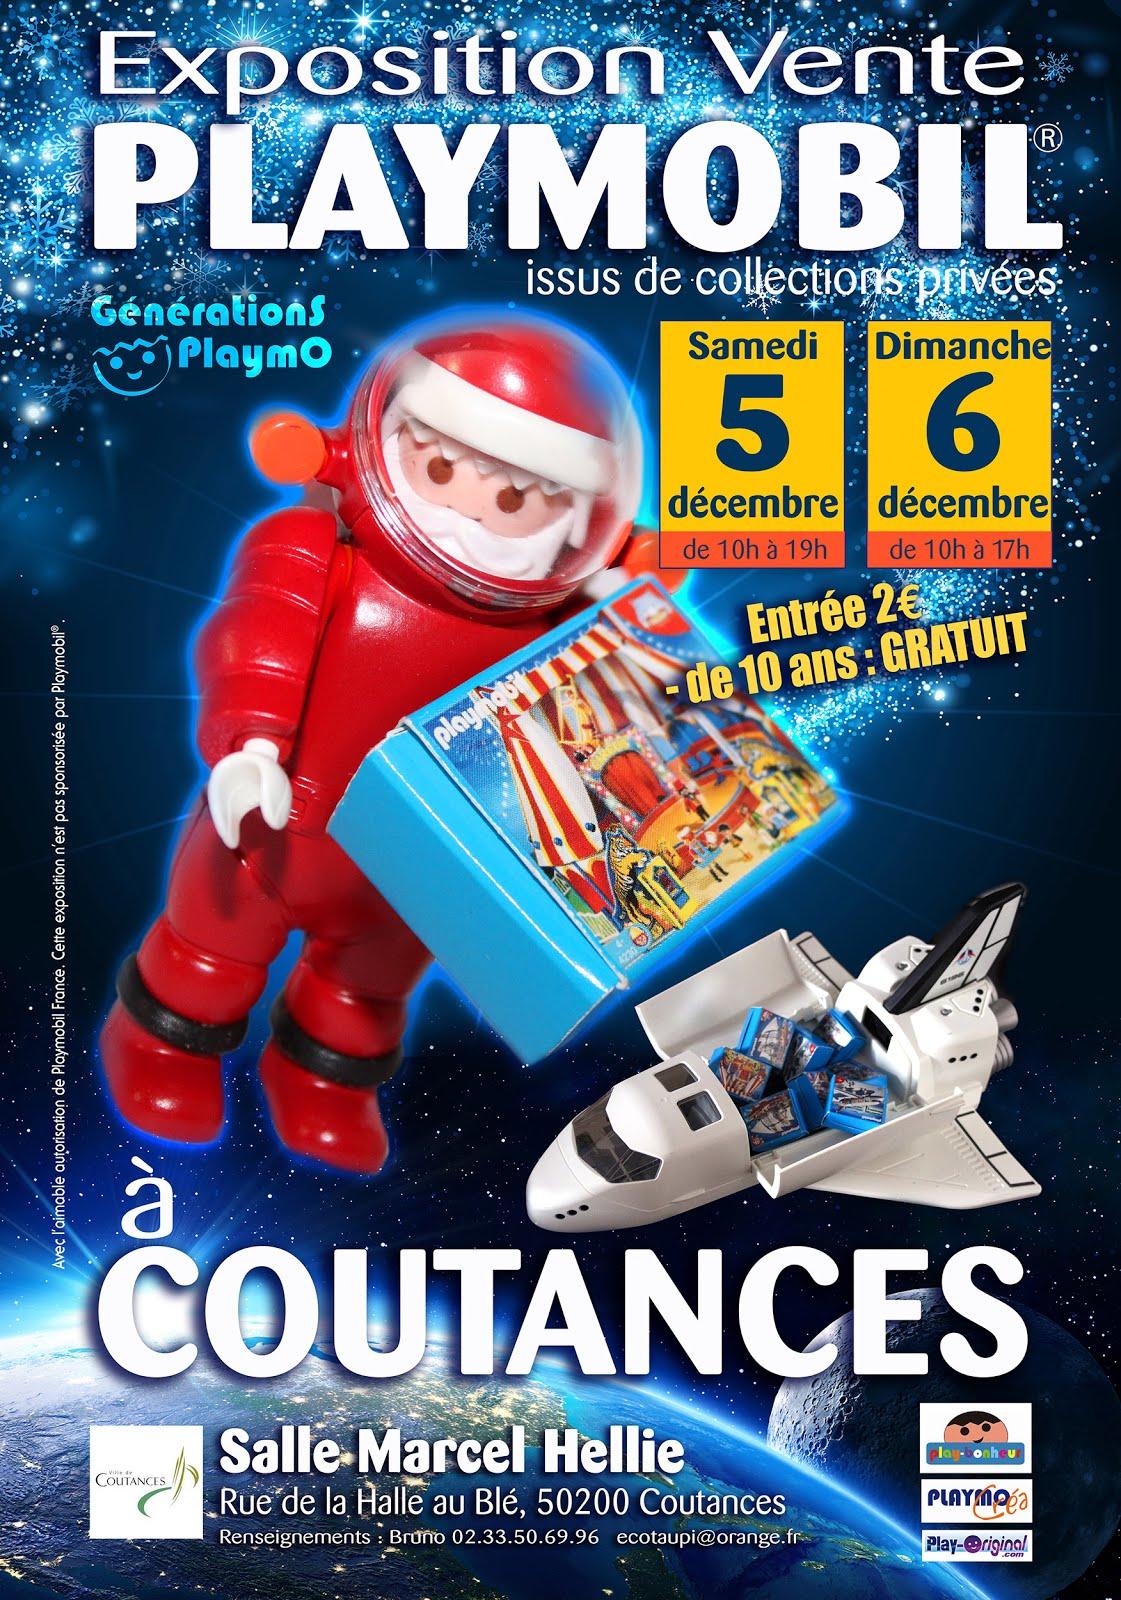 Expo Vente Coutances, 5 et 6 décembre 2015